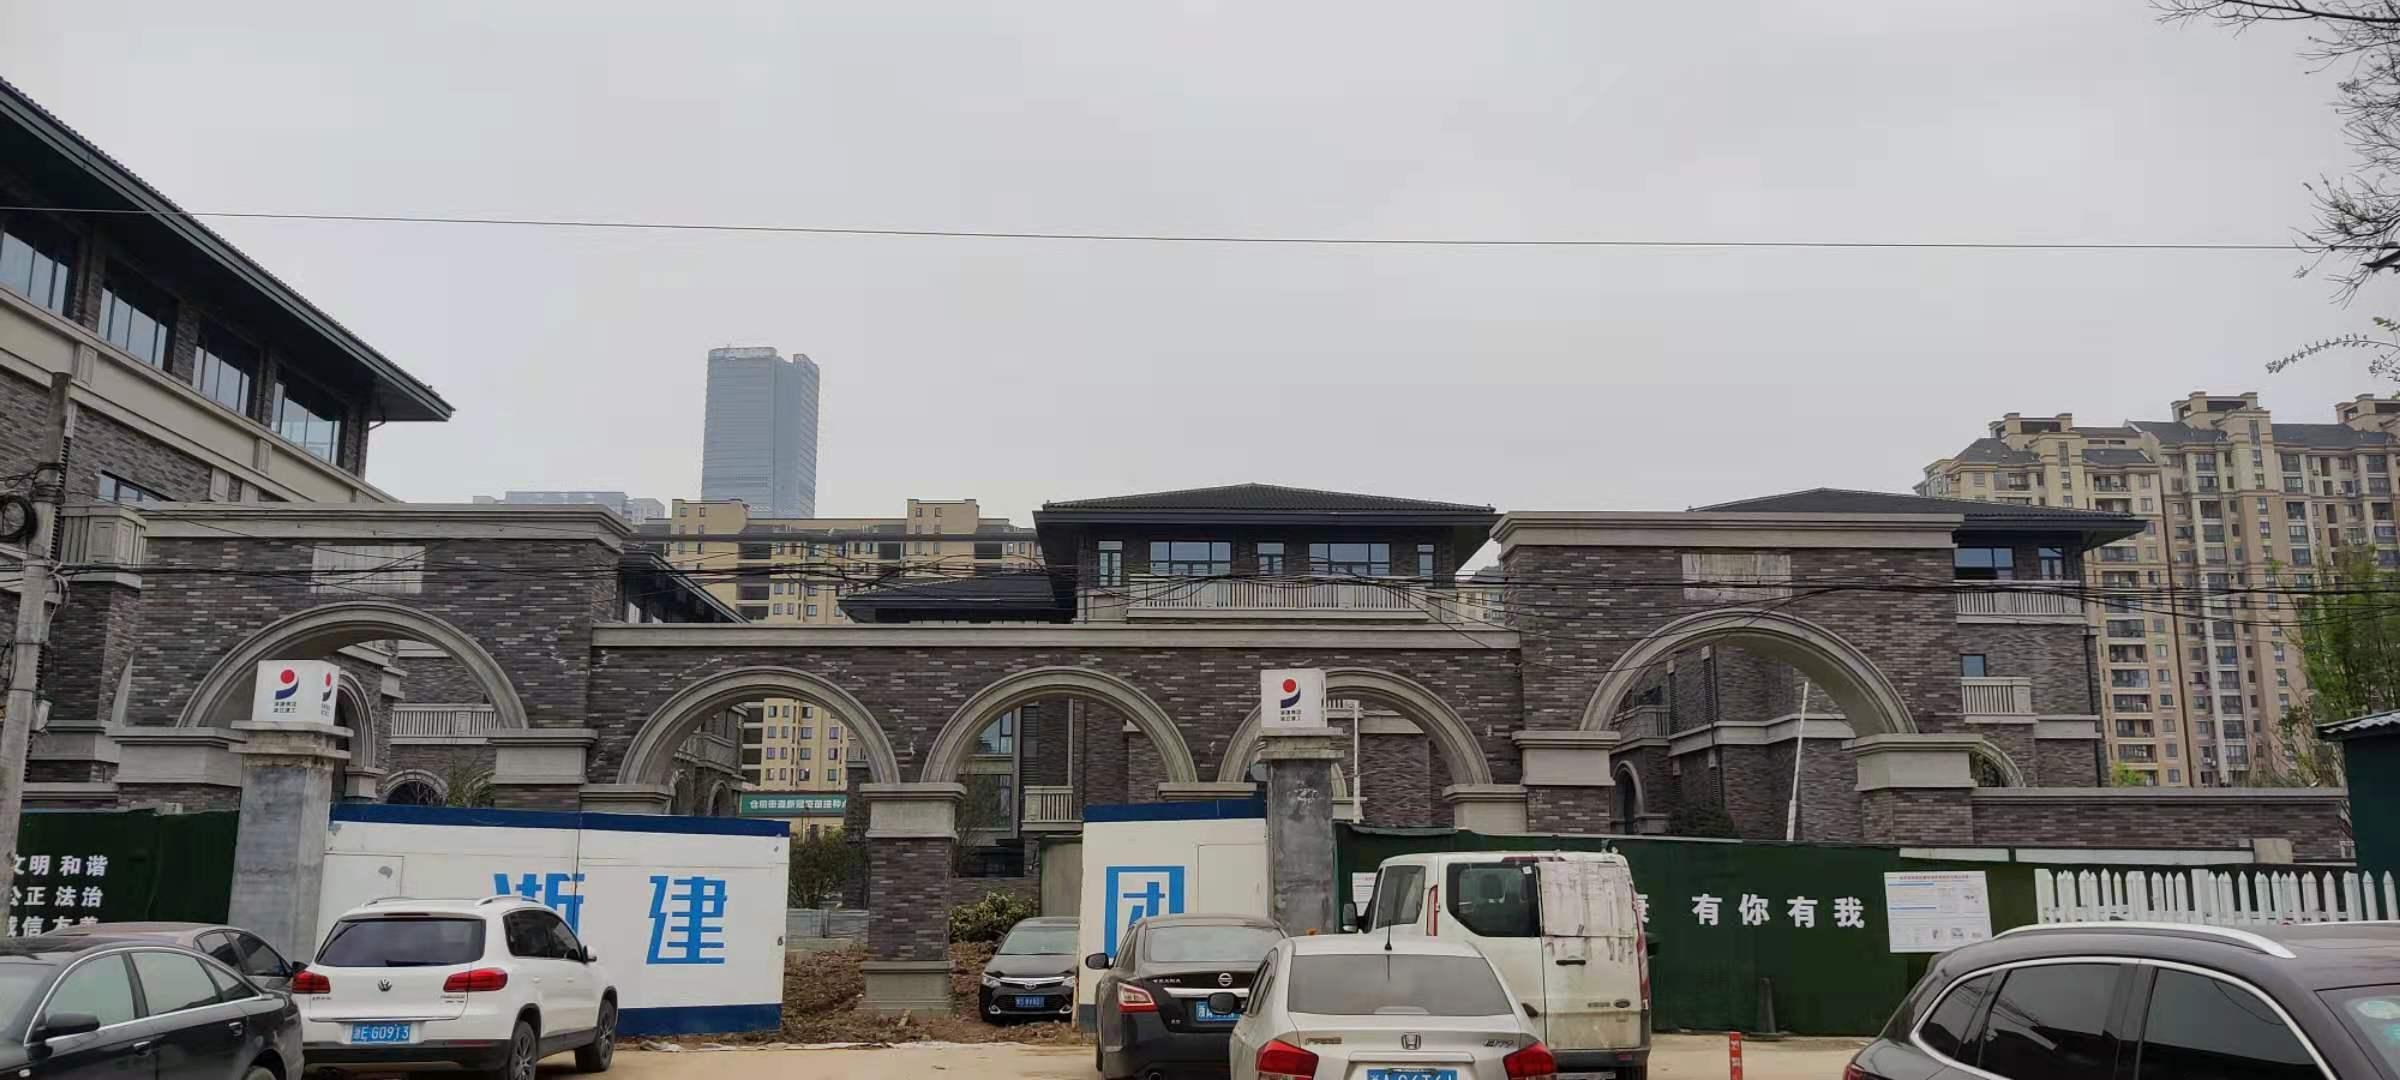 安信铜电缆,浙建选择的产品【杭州安信】